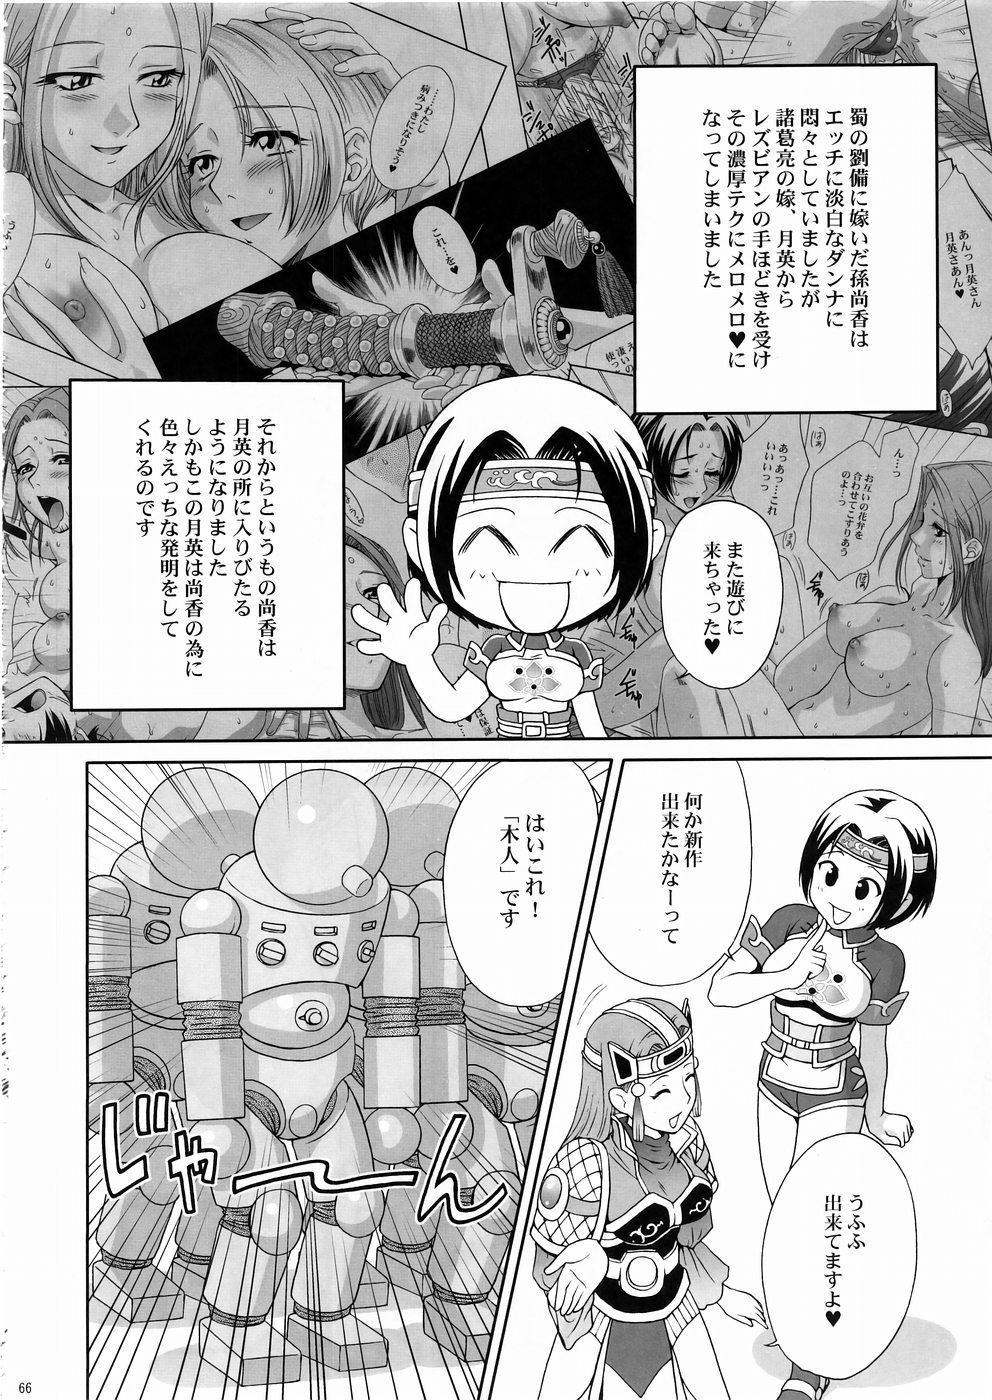 In Sangoku Musou 3 64